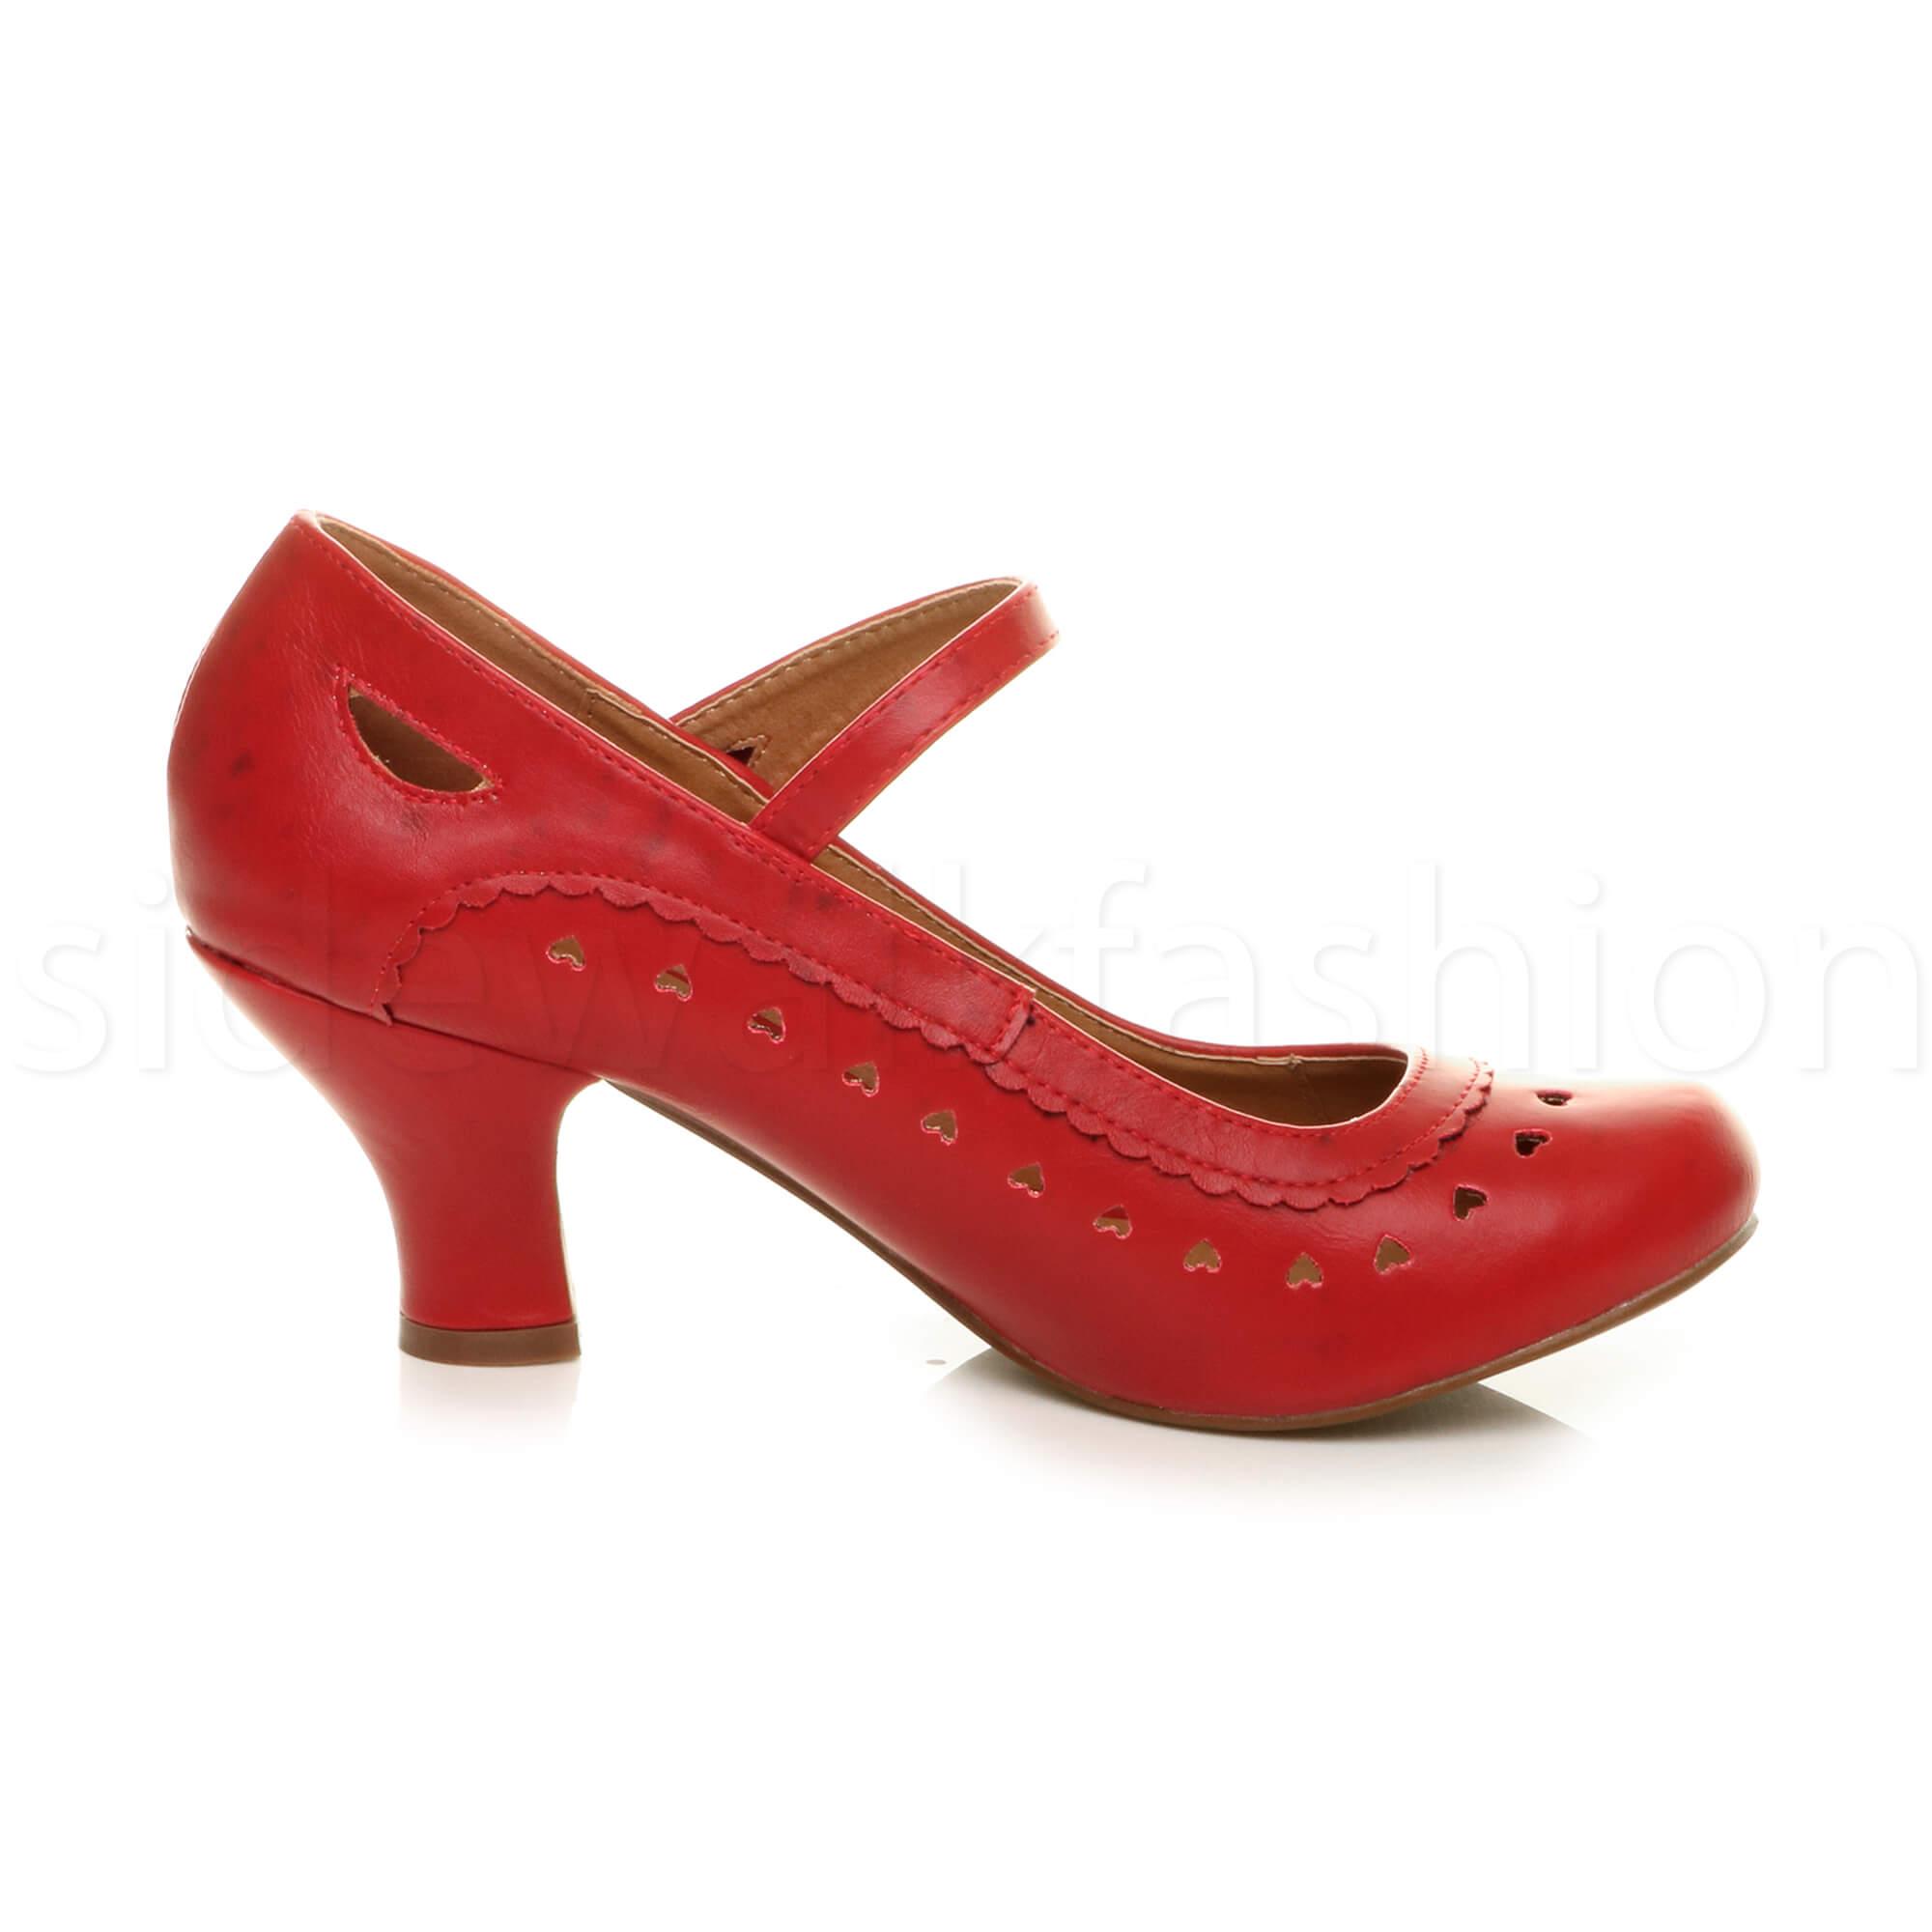 miniatura 46 - Da Donna Donna Stiletto Basso Mary Jane Stile Scarpe Eleganti Lavoro Pompe Dimensione